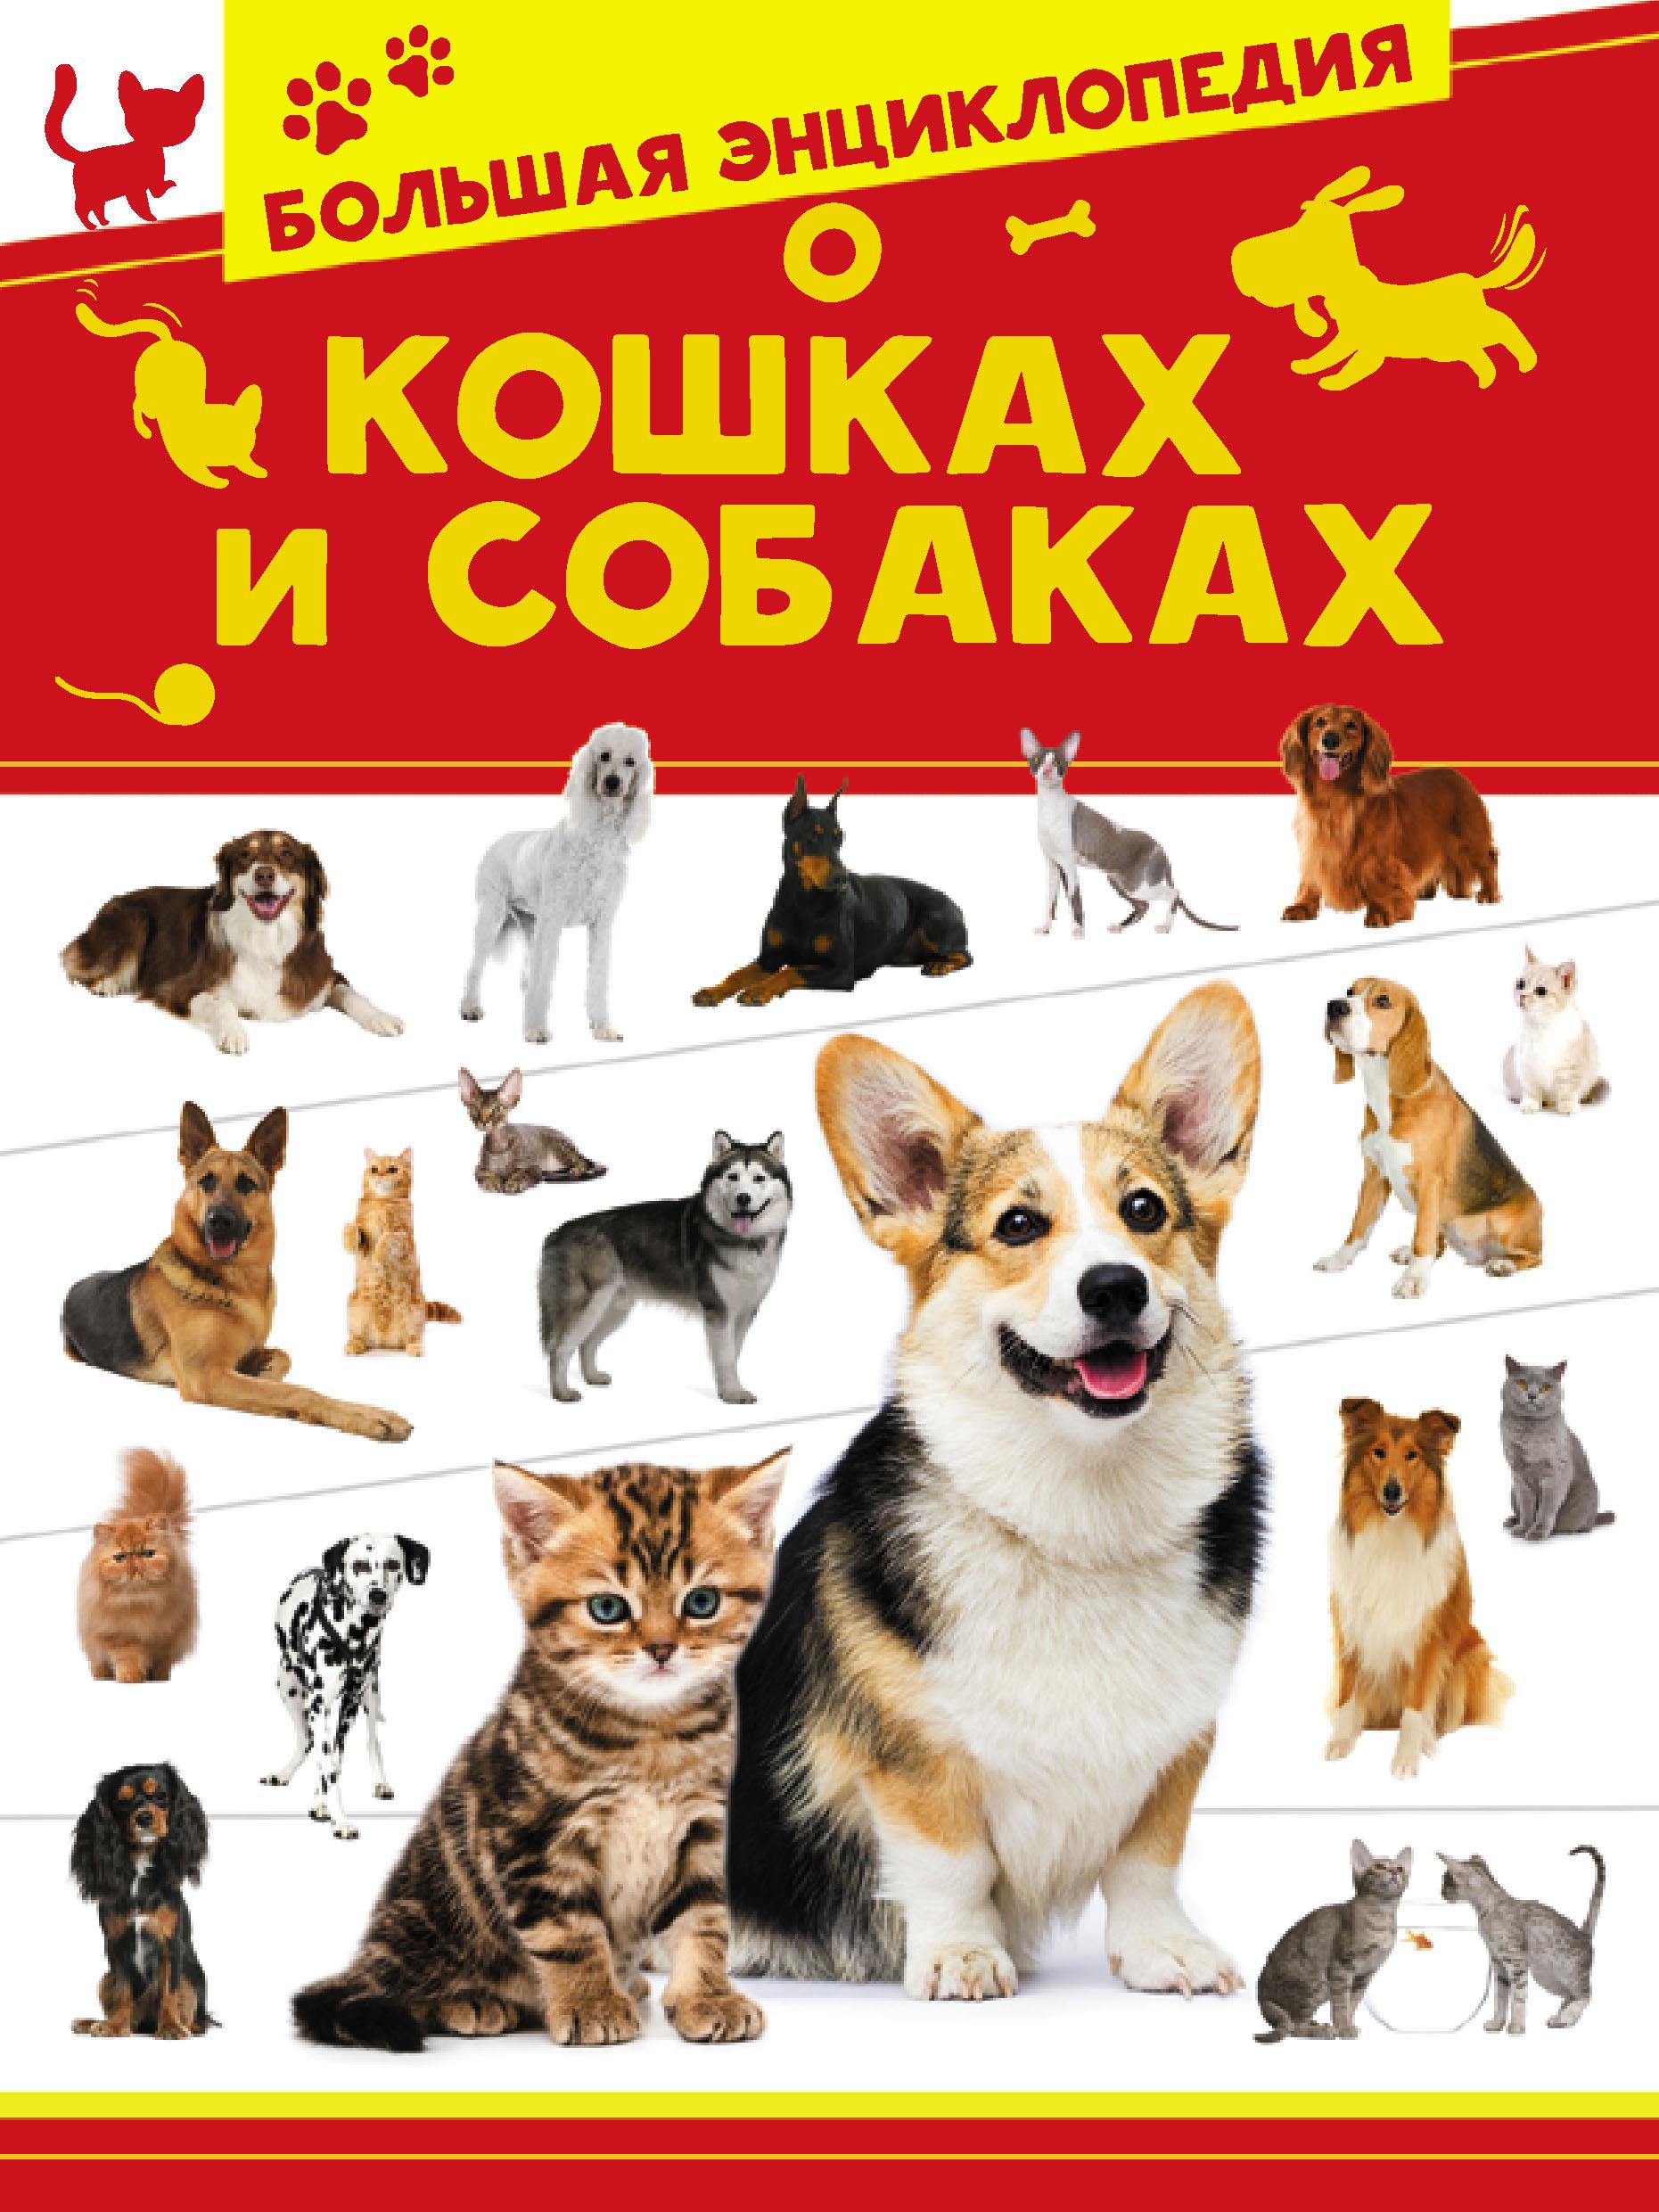 Купить книгу Большая энциклопедия о кошках и собаках, автора Анны Спектор